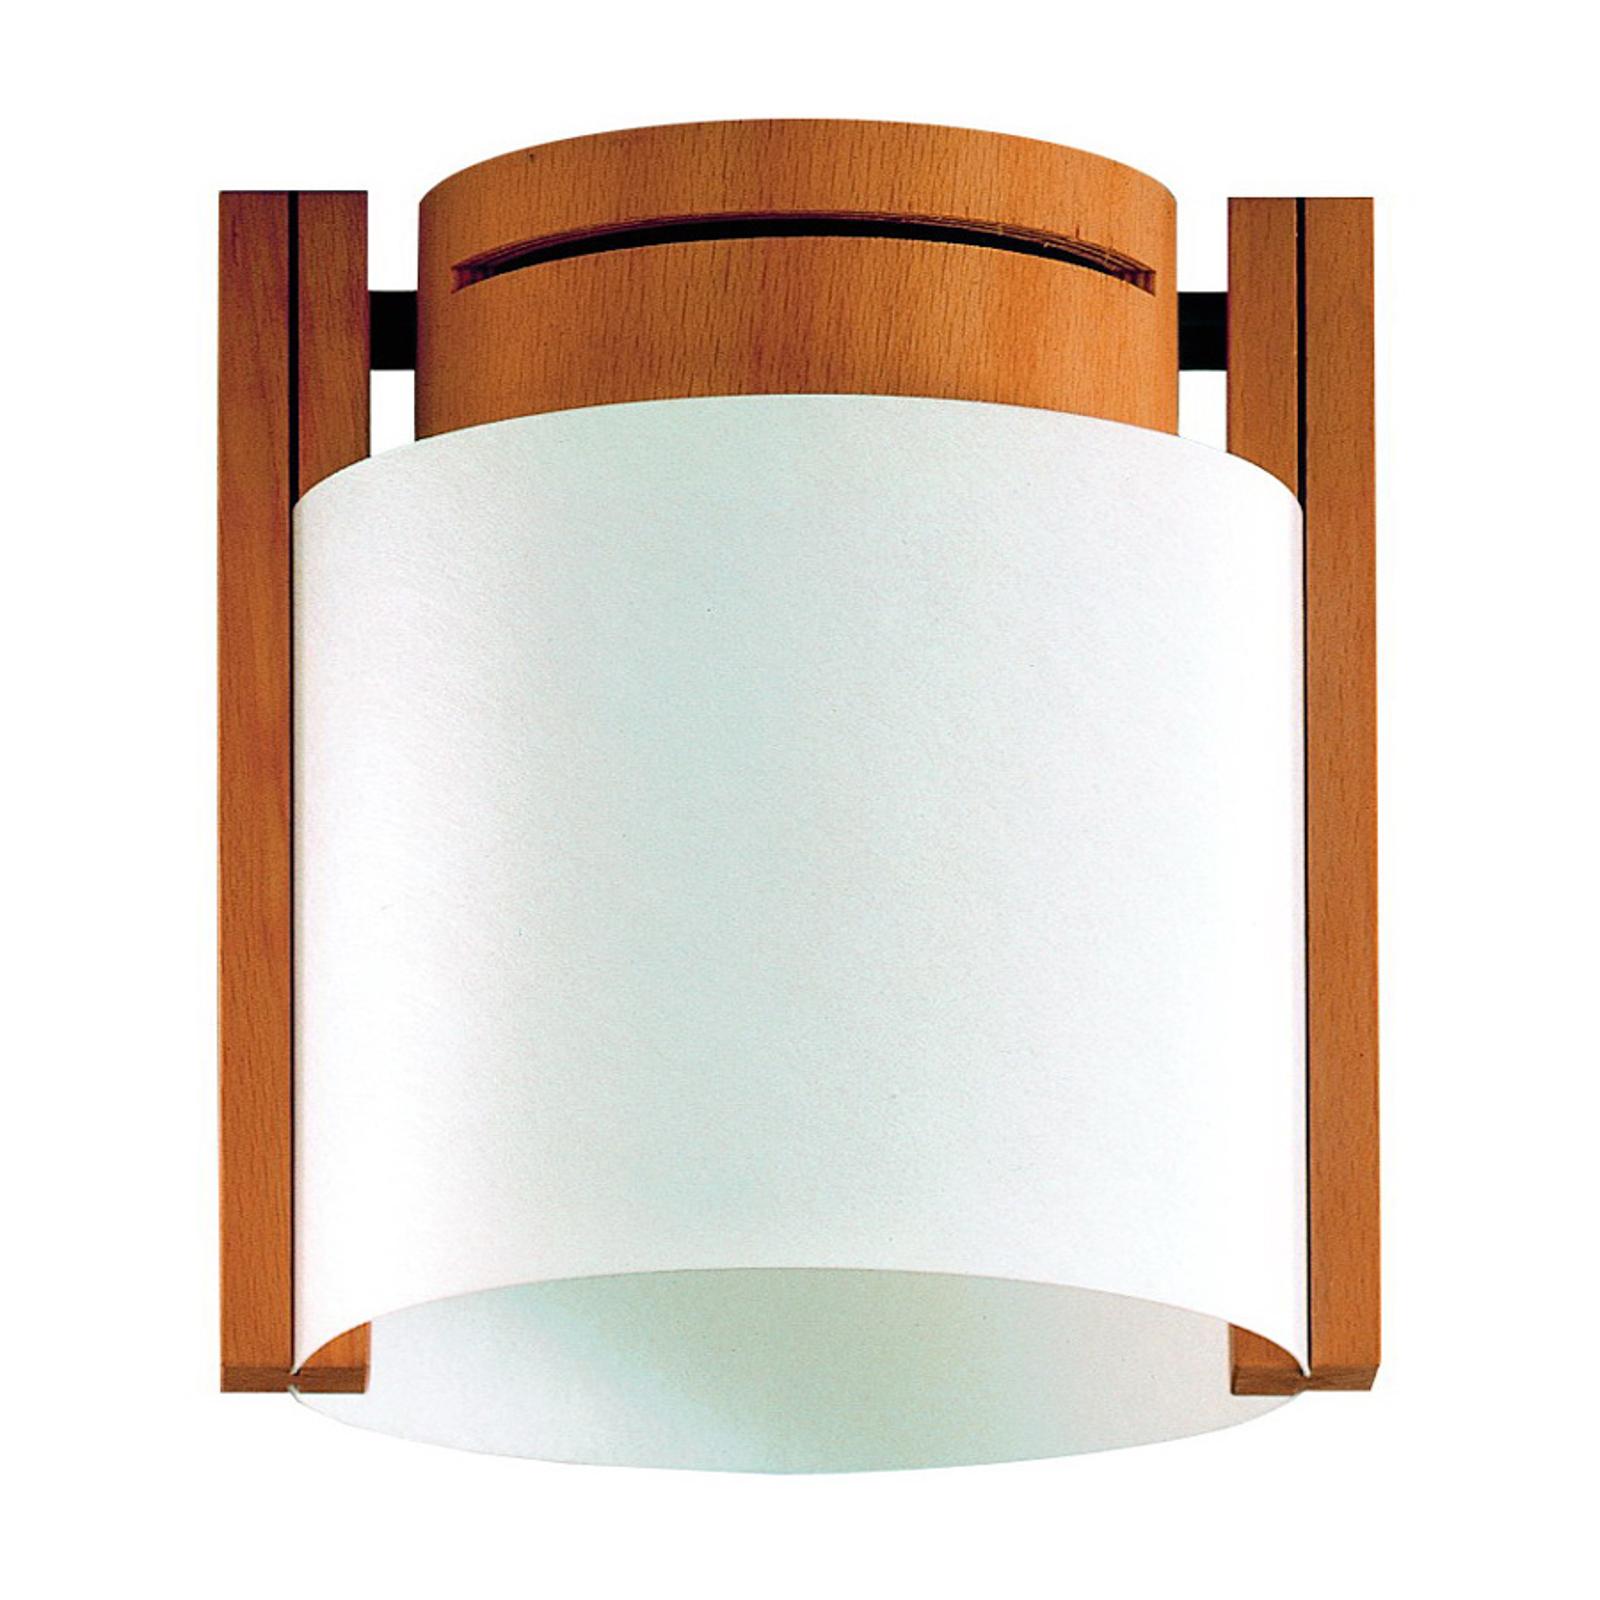 Lampa sufitowa DRUM